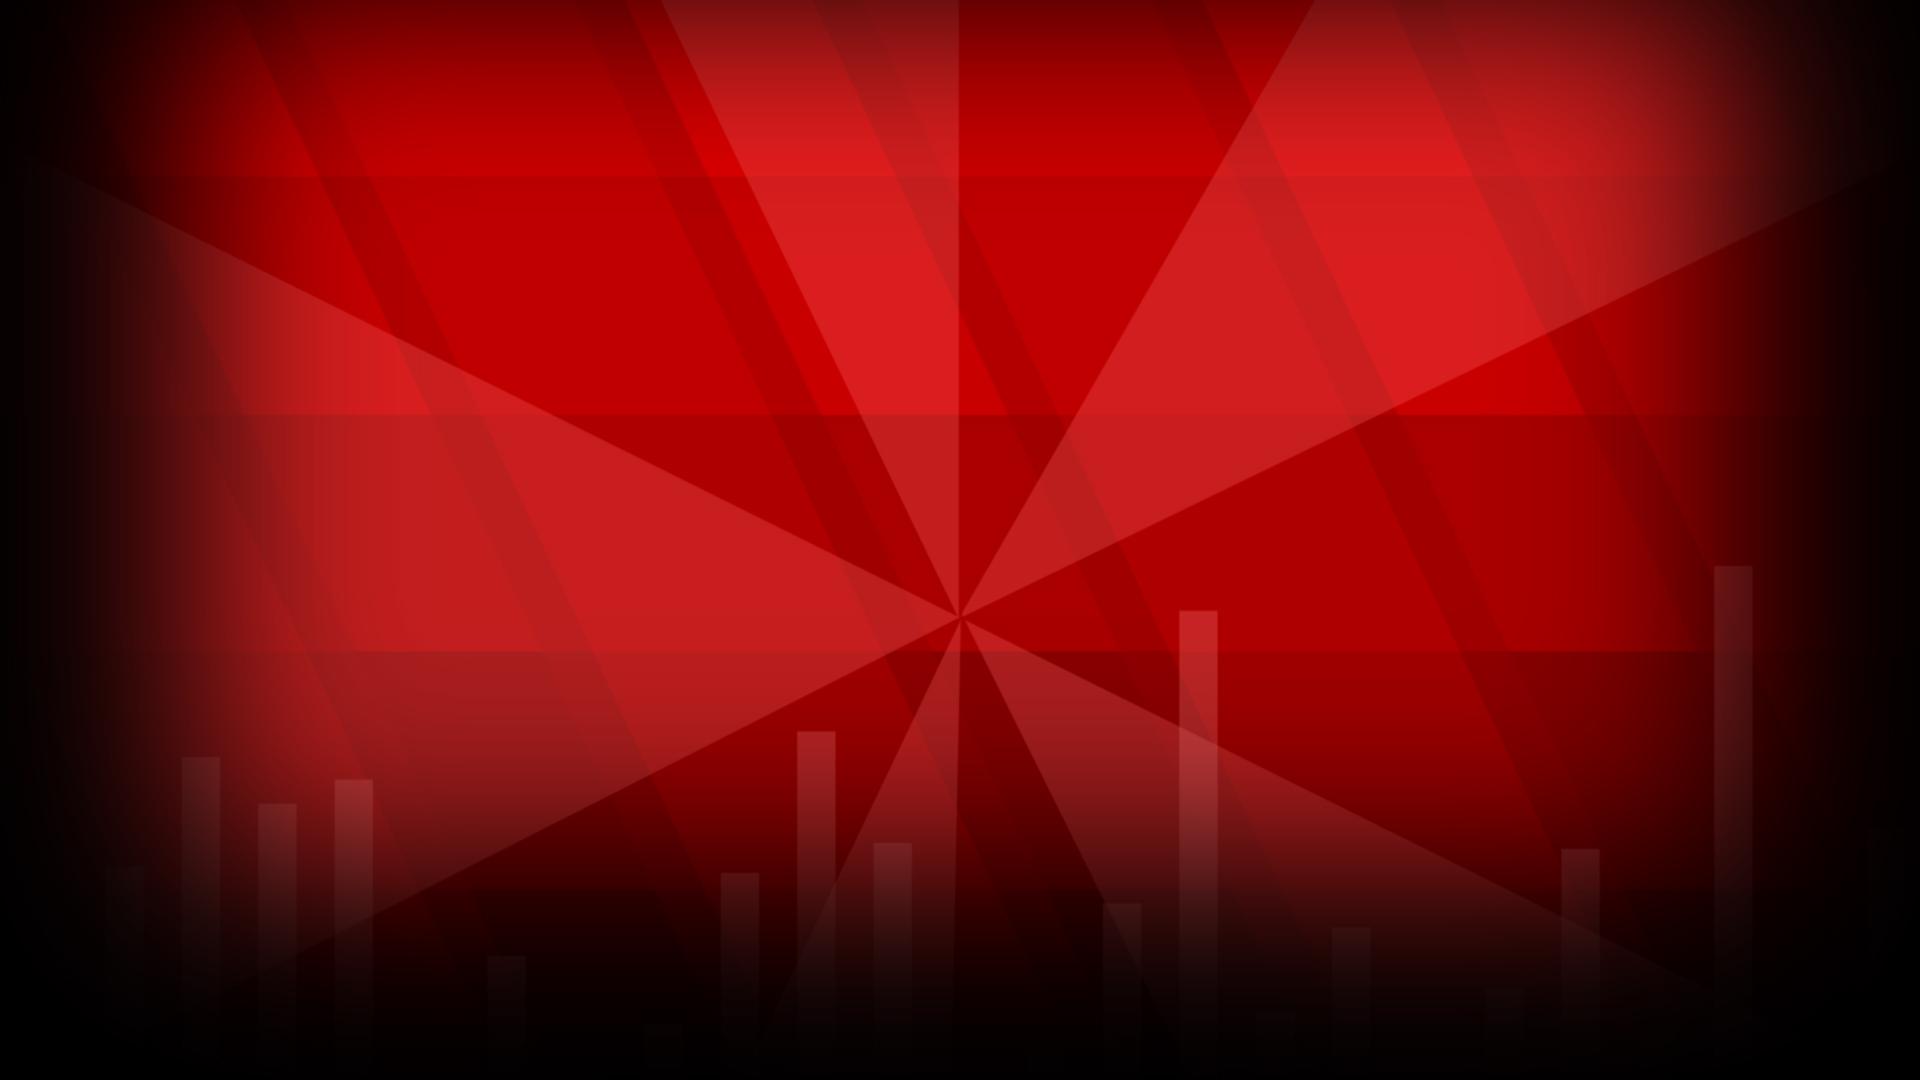 красные фоны стим достаточна большая, ней